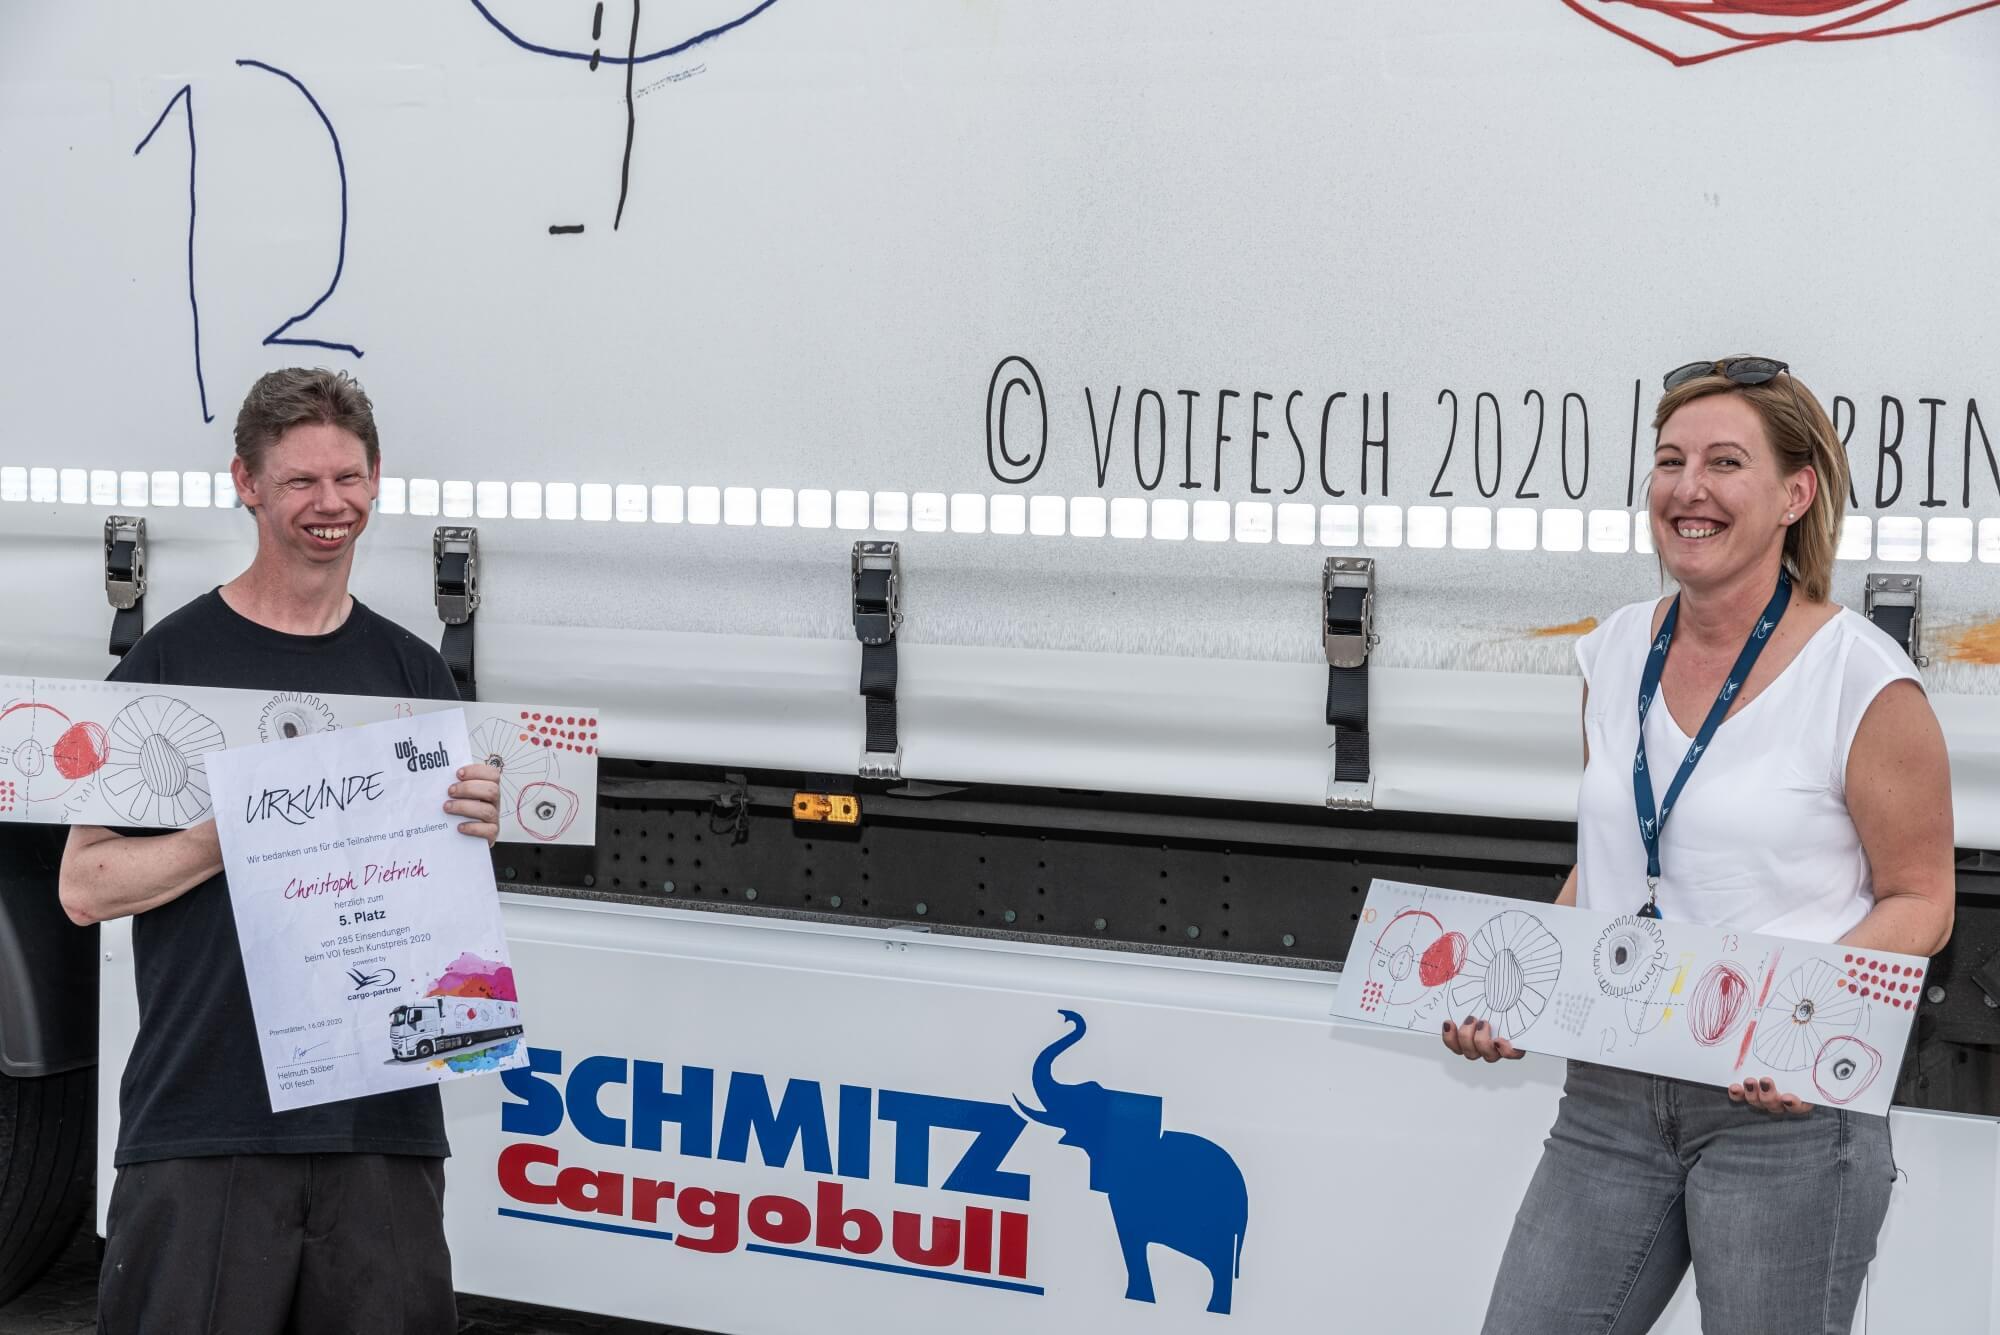 """Künstler Christoph Dietrich zeigt seine Urkunde vor dem LKW, welcher mit seinem Motiv """"Verbindungen"""" bedruckt ist. Er hält auch ein Bild von seinem Bild, welches von EchtLeinwand bedruckt wurde. Neben ihm steht Csilla Steuer von Cargopartner."""